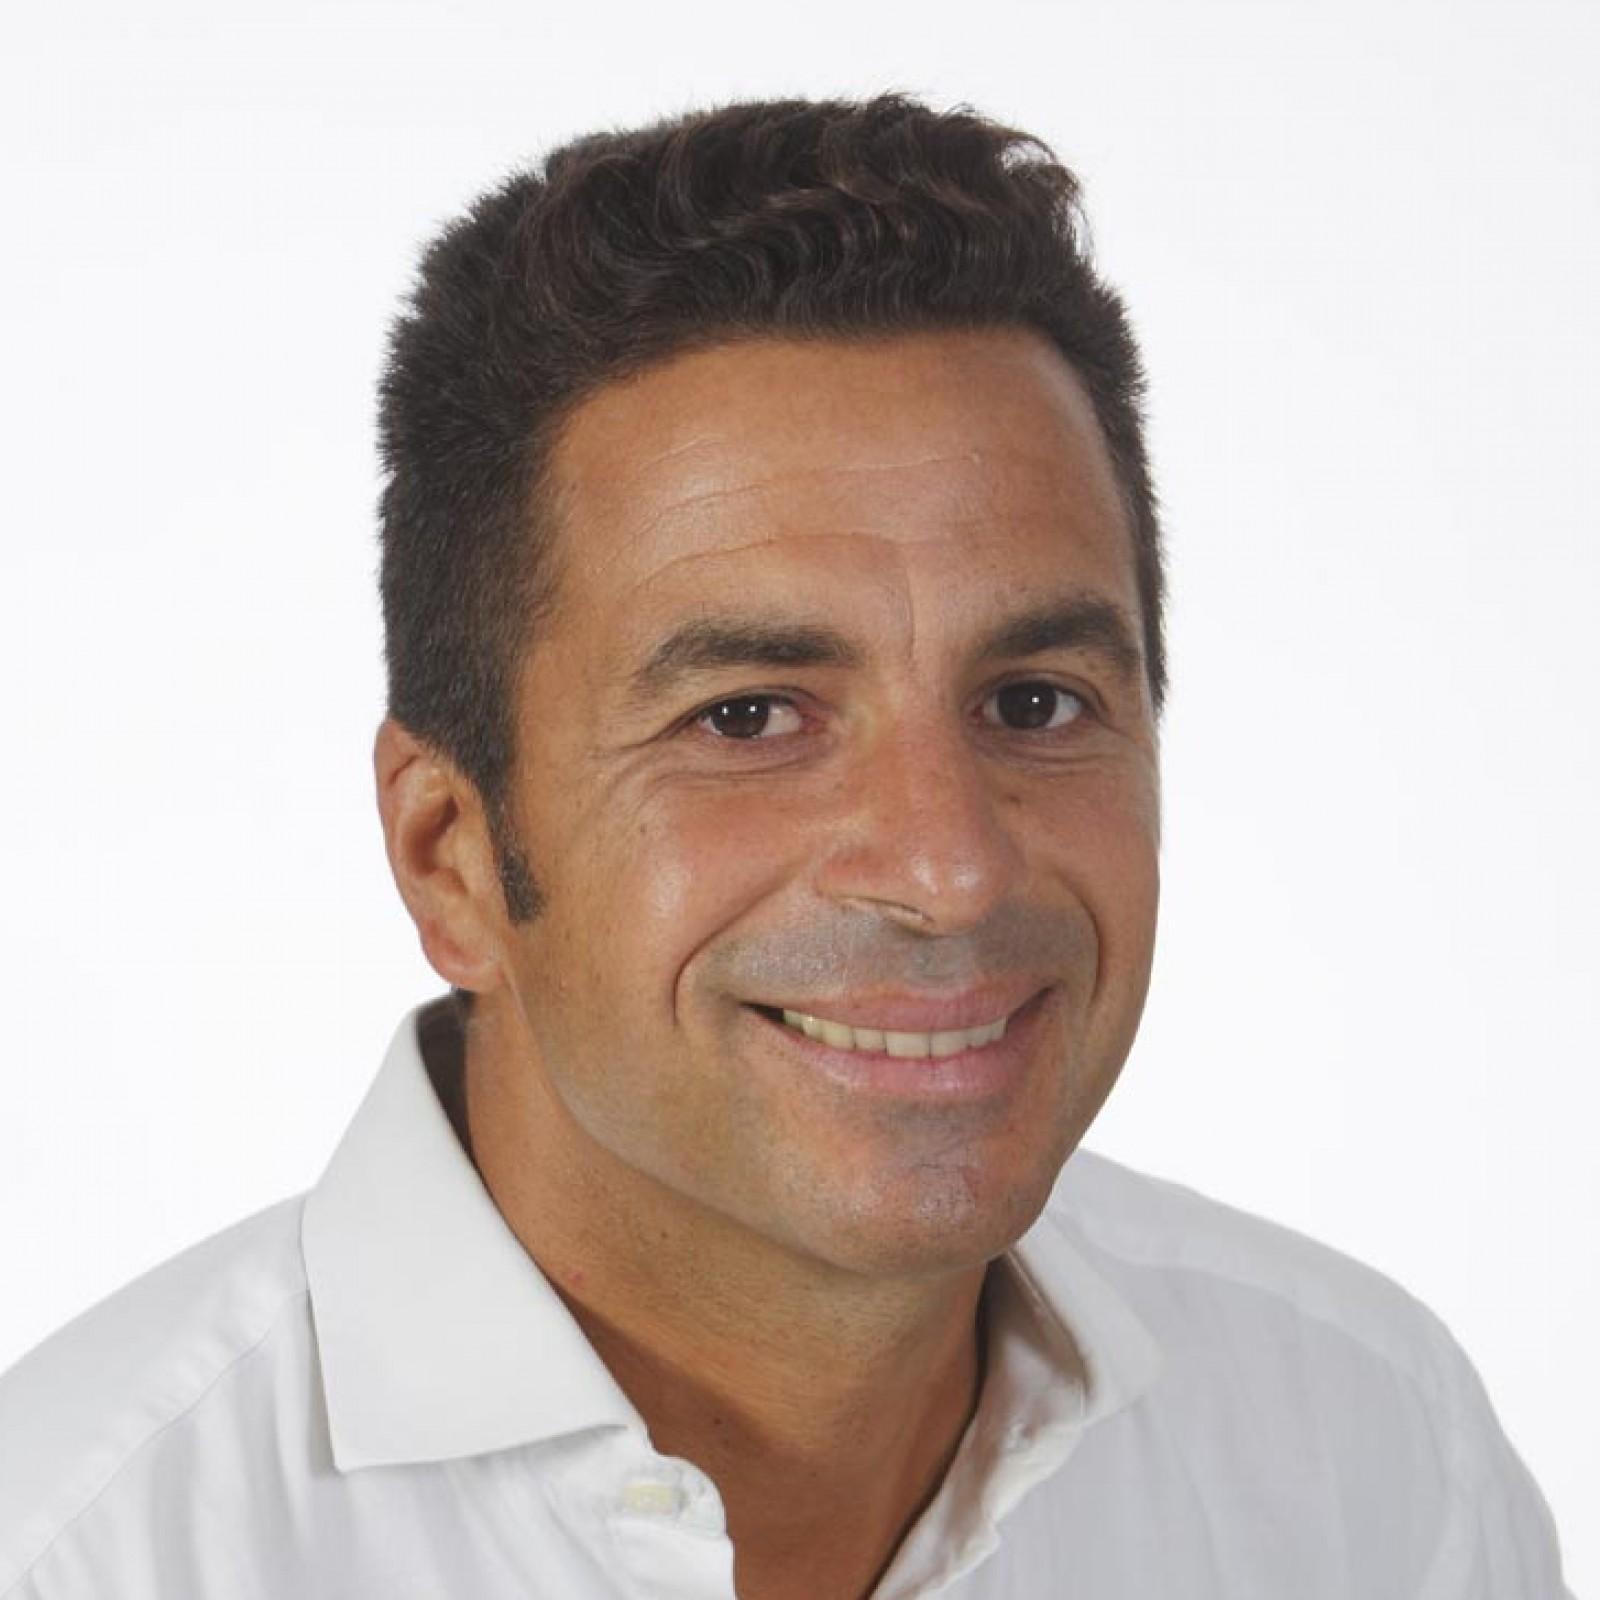 Dr. Riccardo Ammannato, DDS